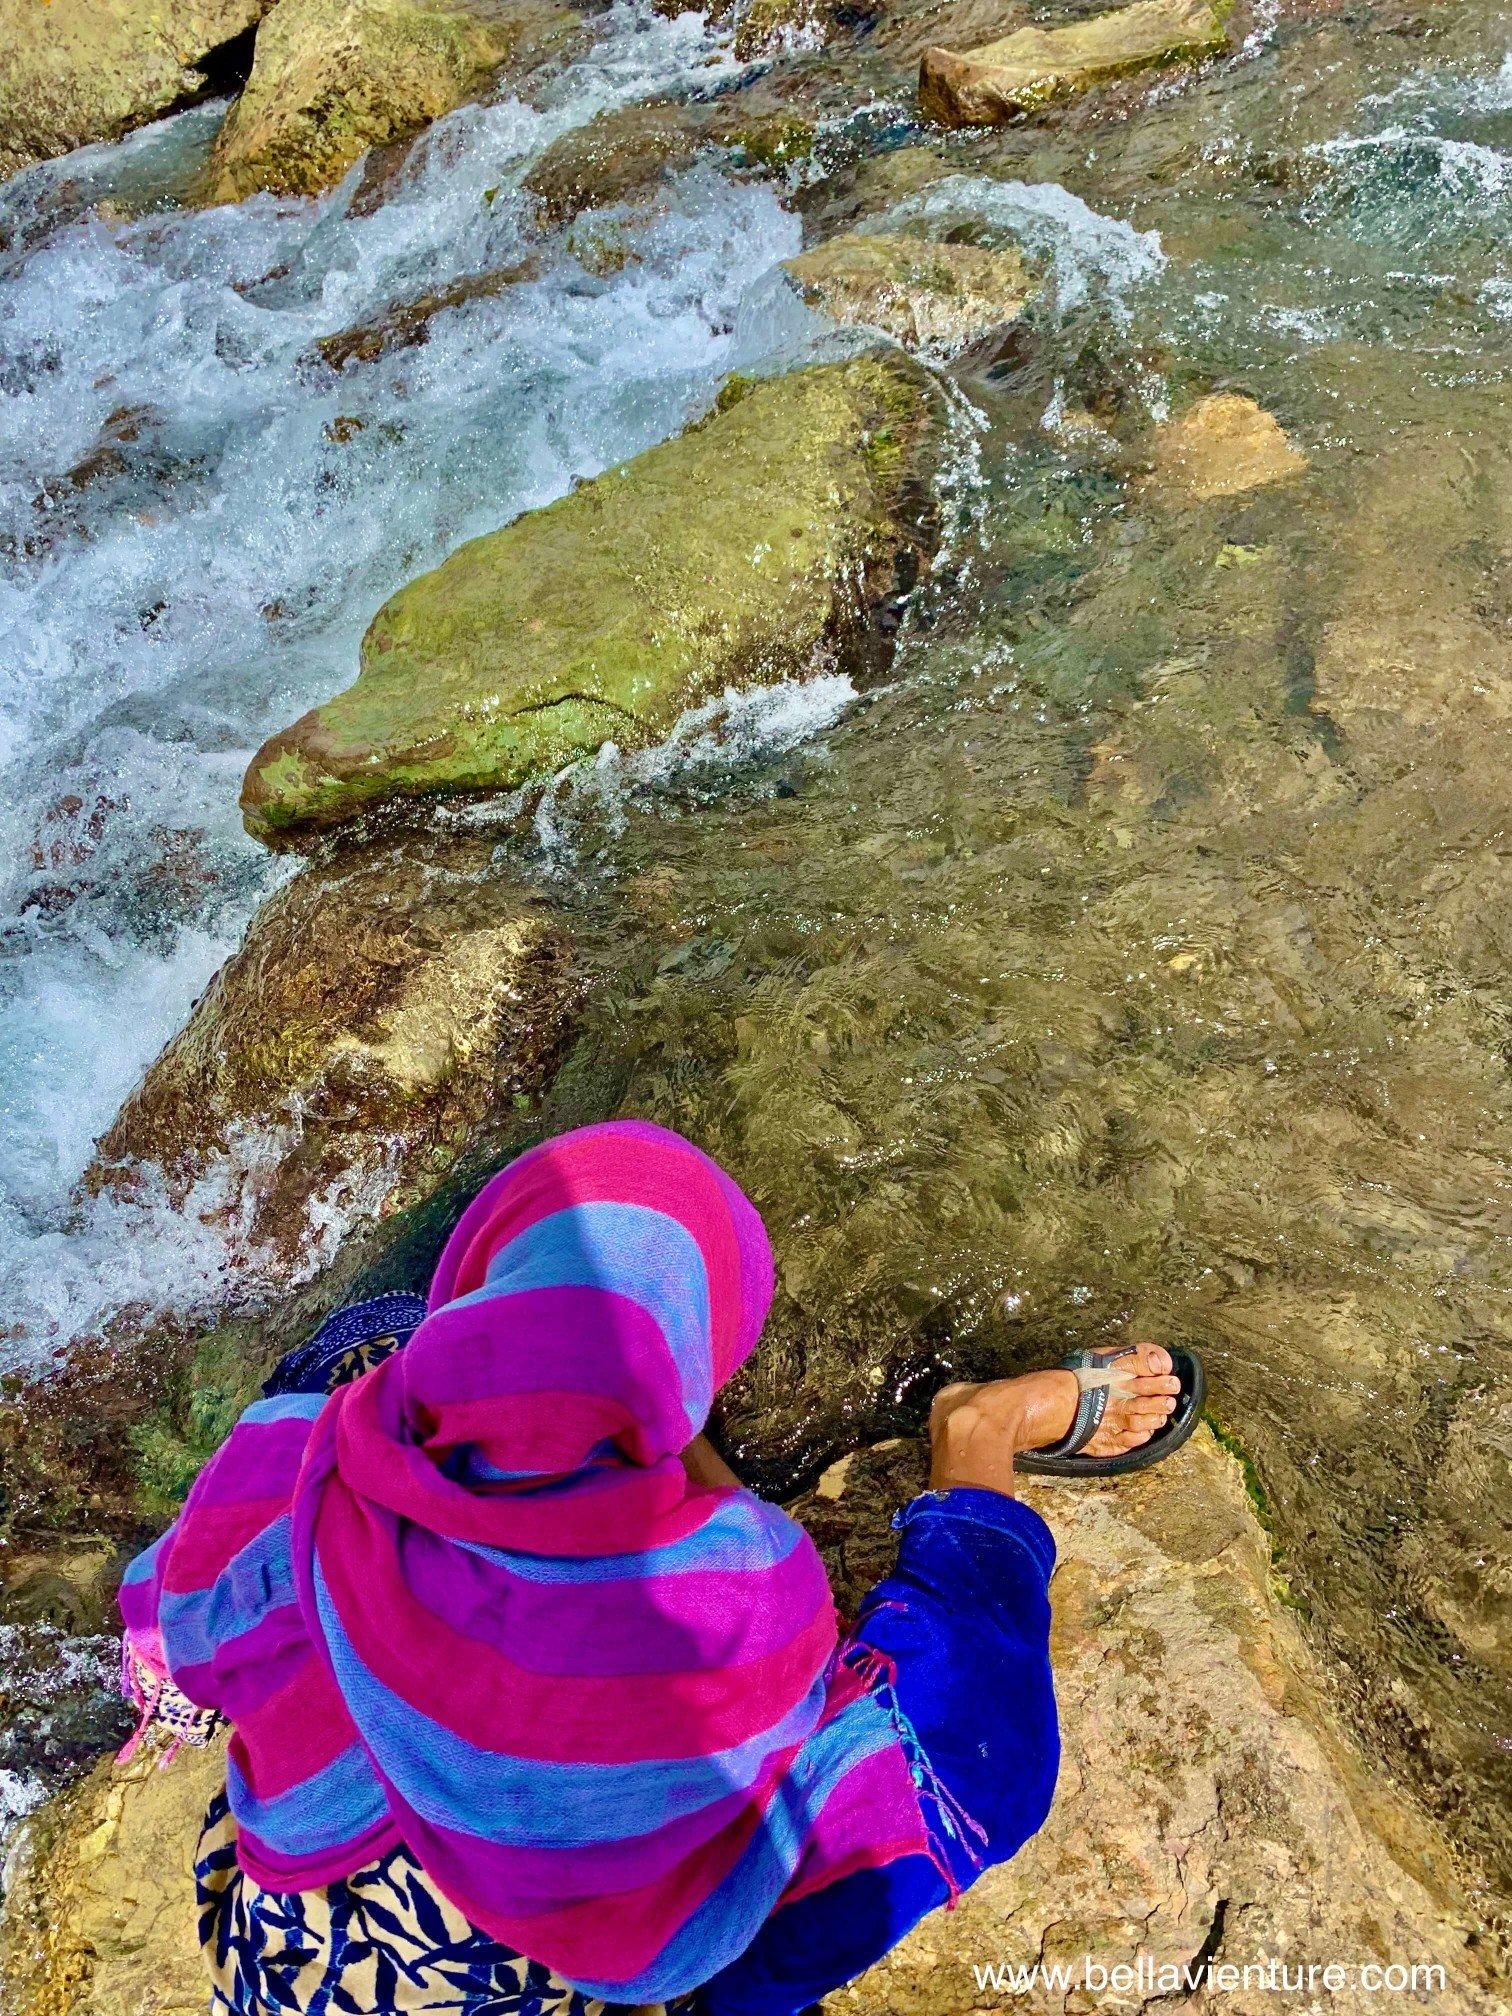 印度 India 北北印 North India 喀什米爾  Kashmir 八天七夜 健行 協助我過河的牧羊女